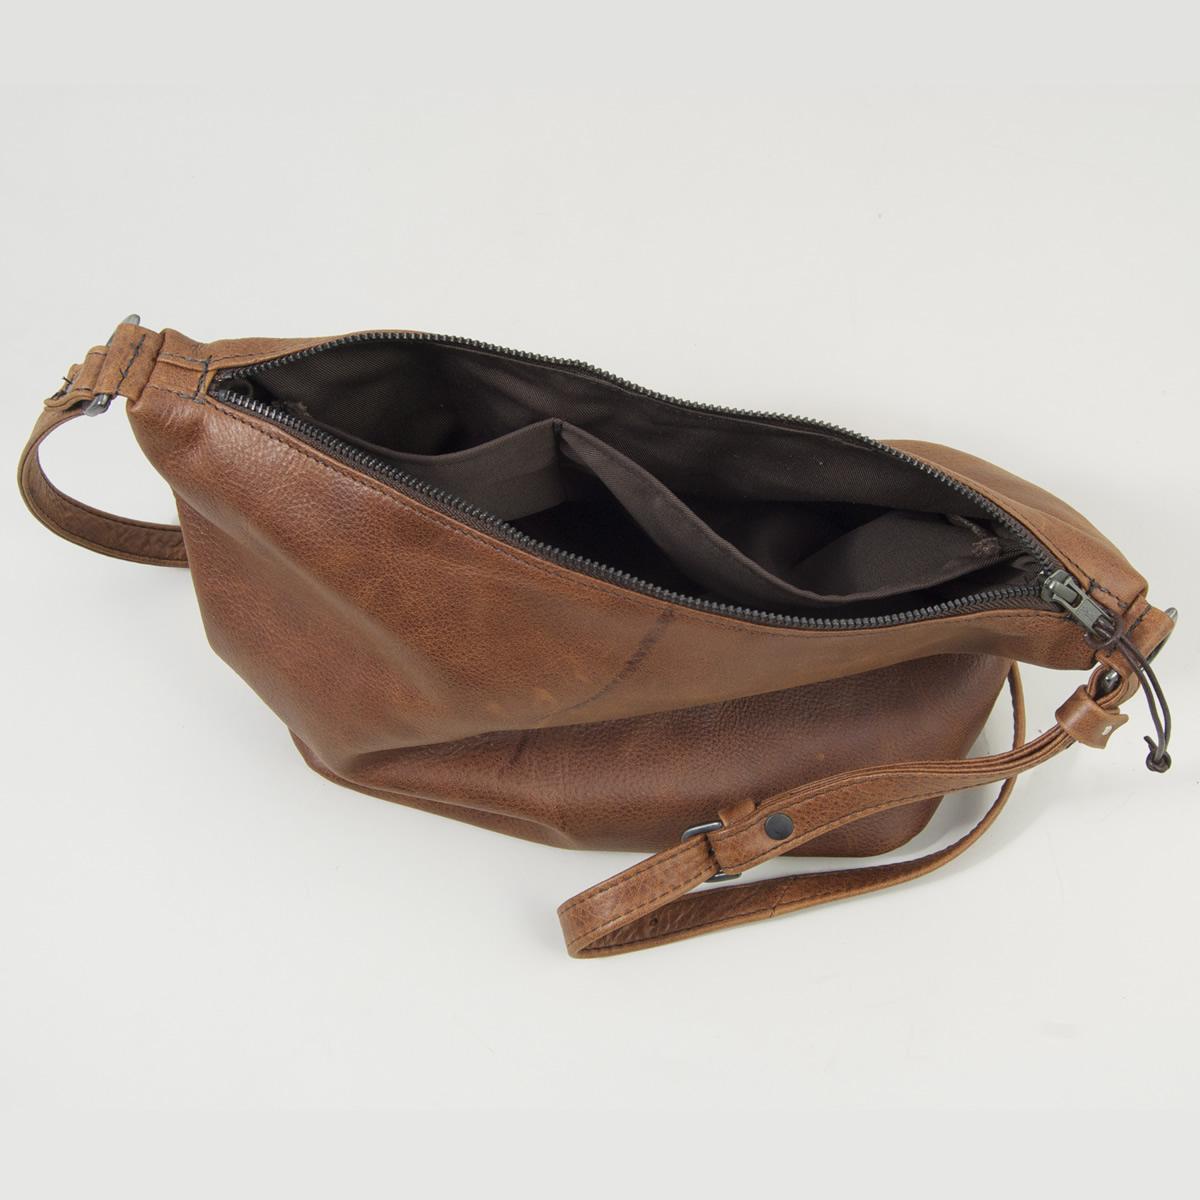 The Sling Bag - Inside